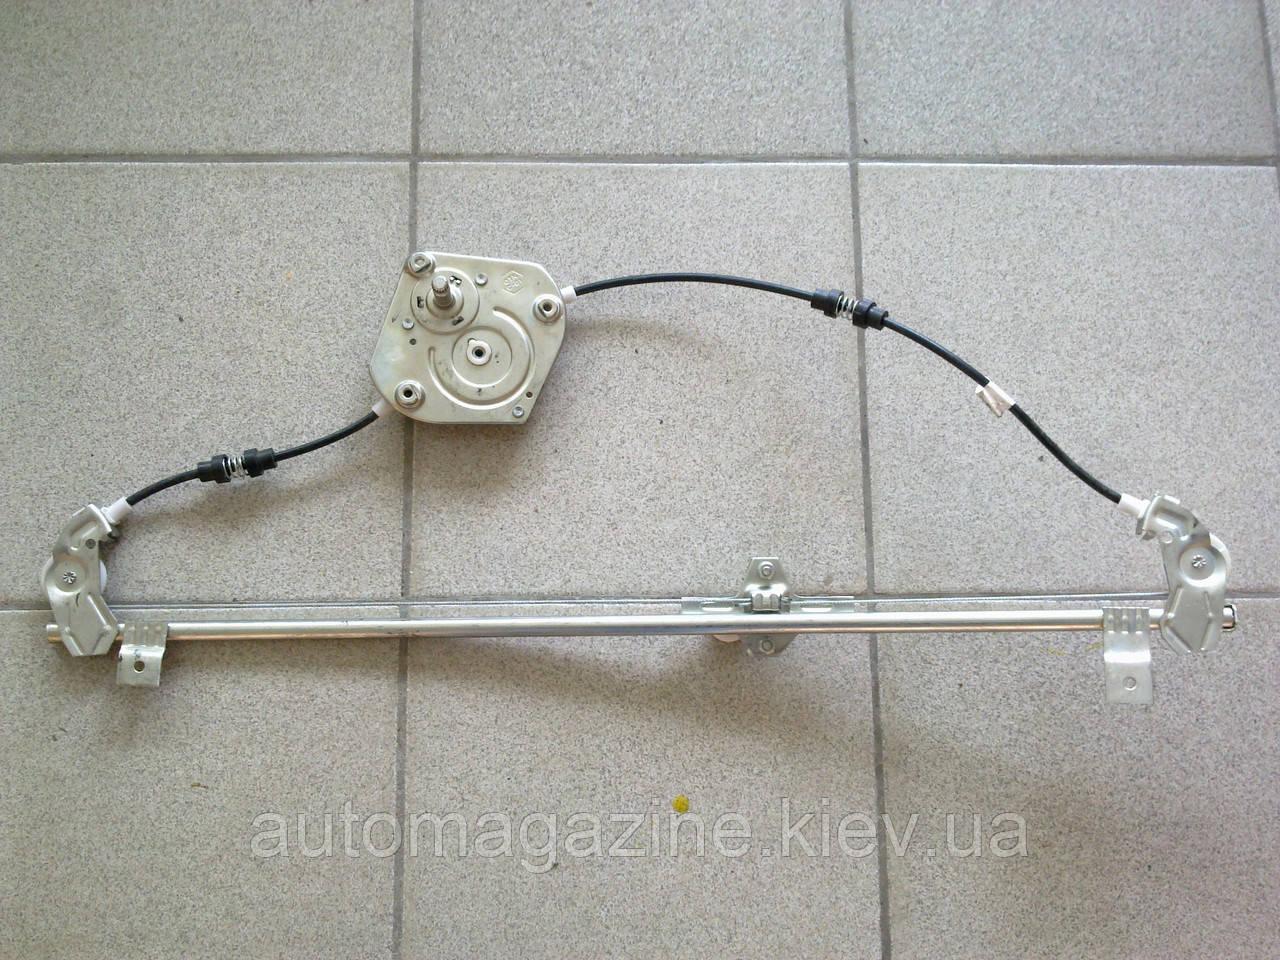 инструкция по разборке мотора привода стеклоподъемников на шевро